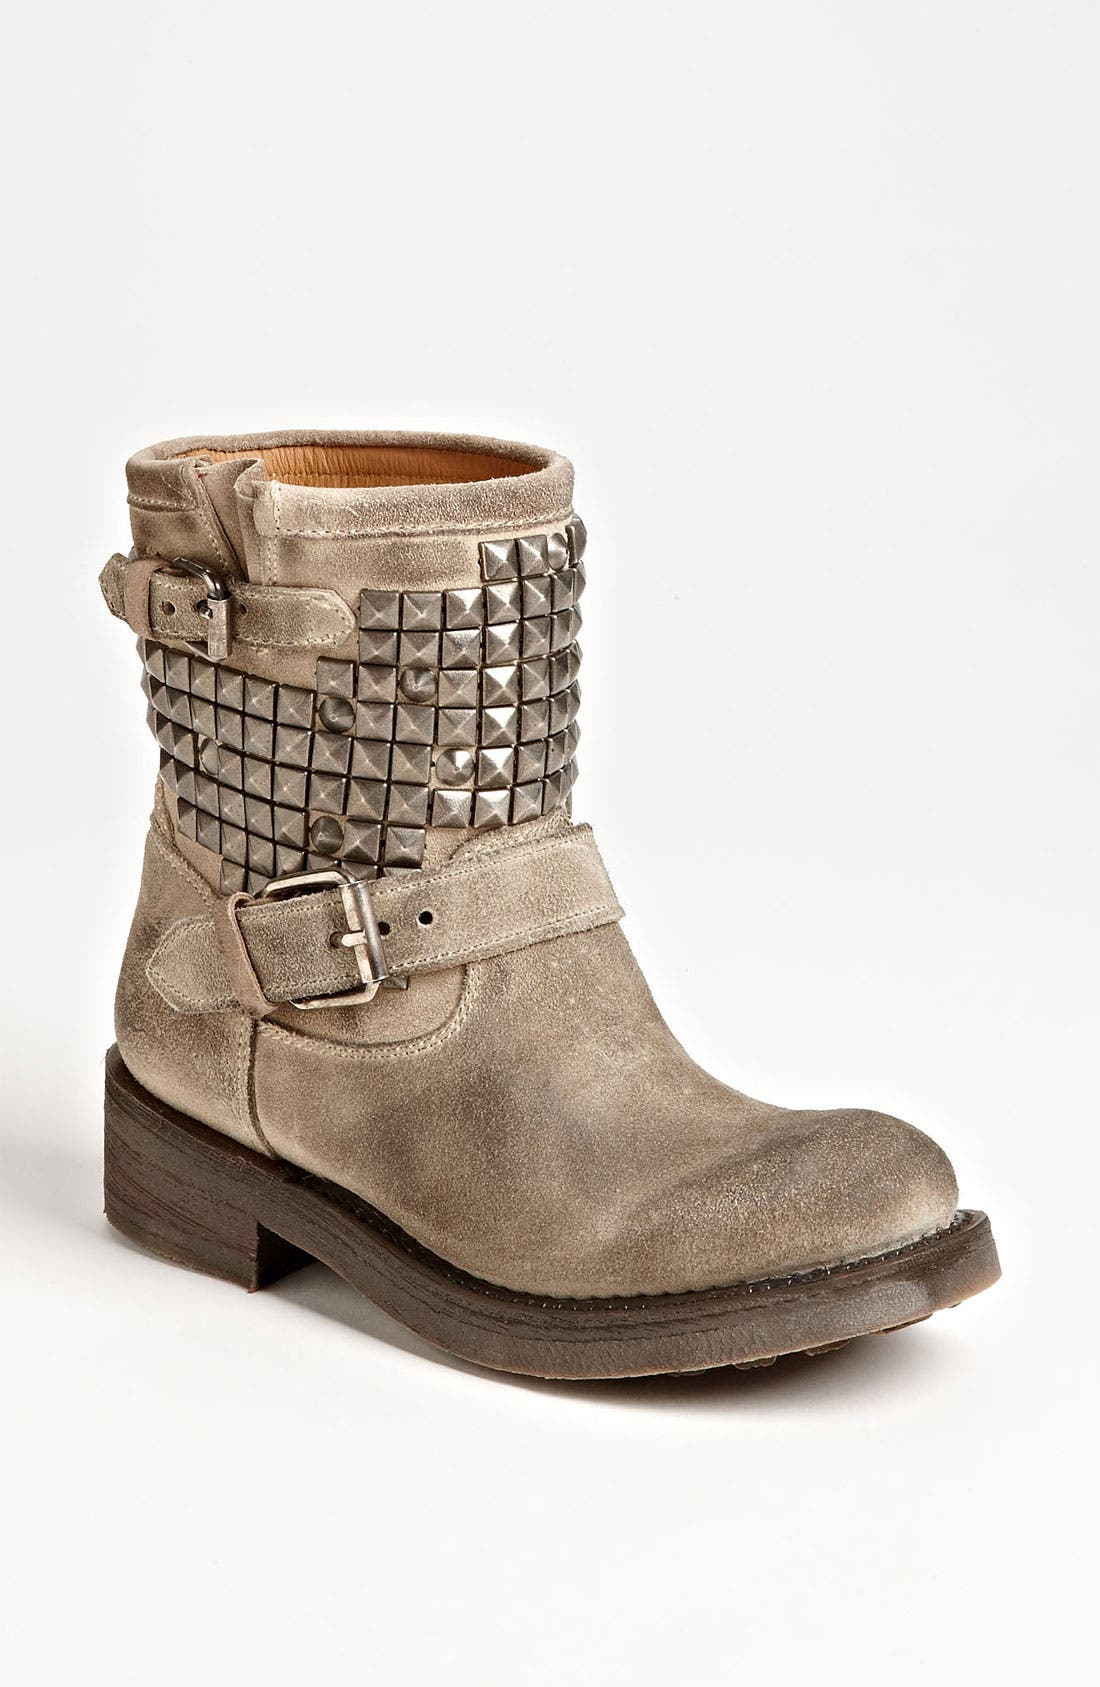 Alternate Image 1 Selected - Ash 'Titan' Boot